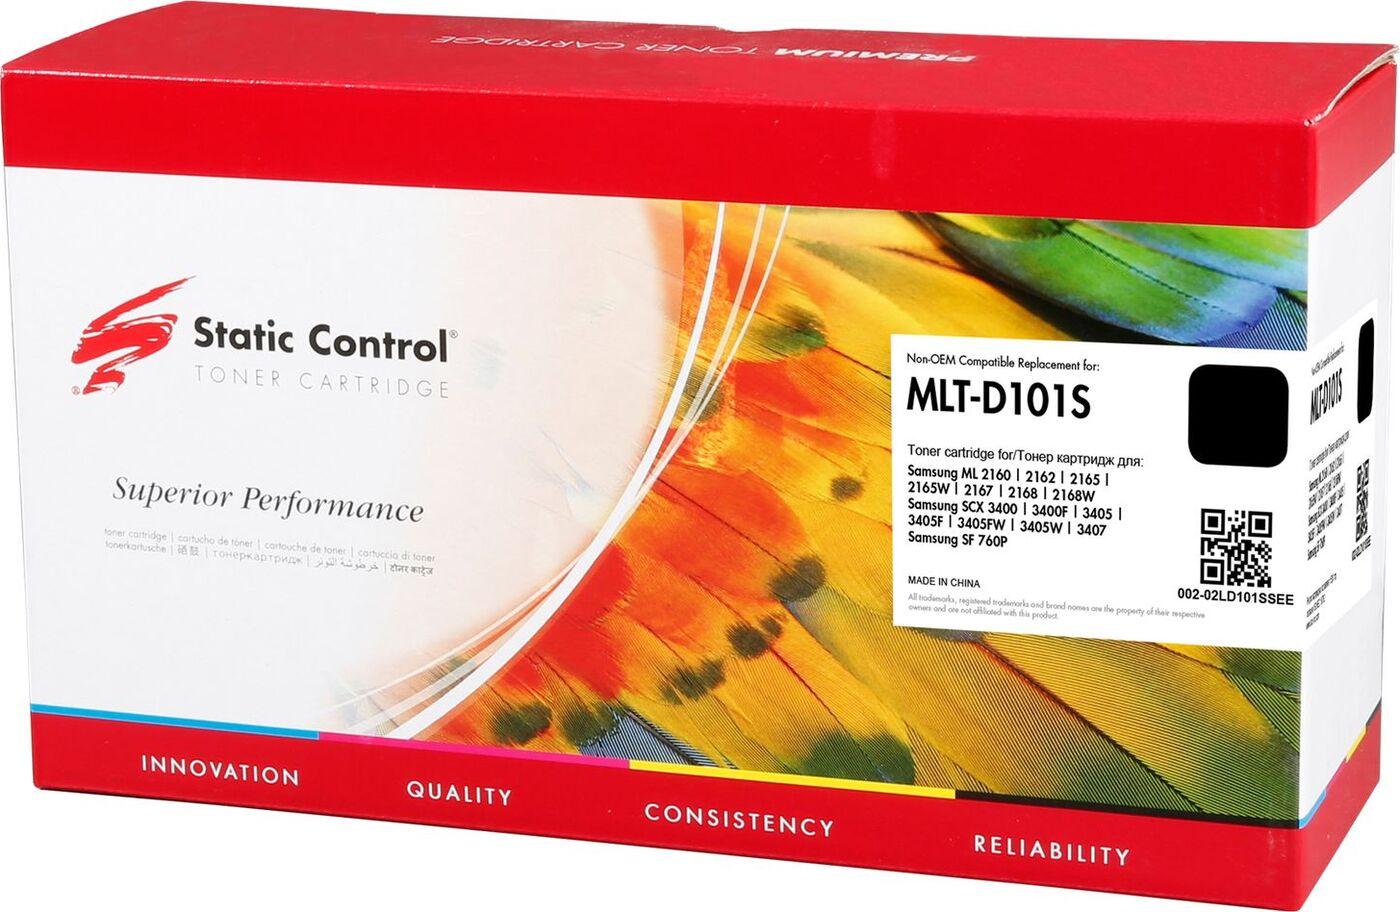 Картридж Static Control MLT-D101S, черный, для лазерного принтера